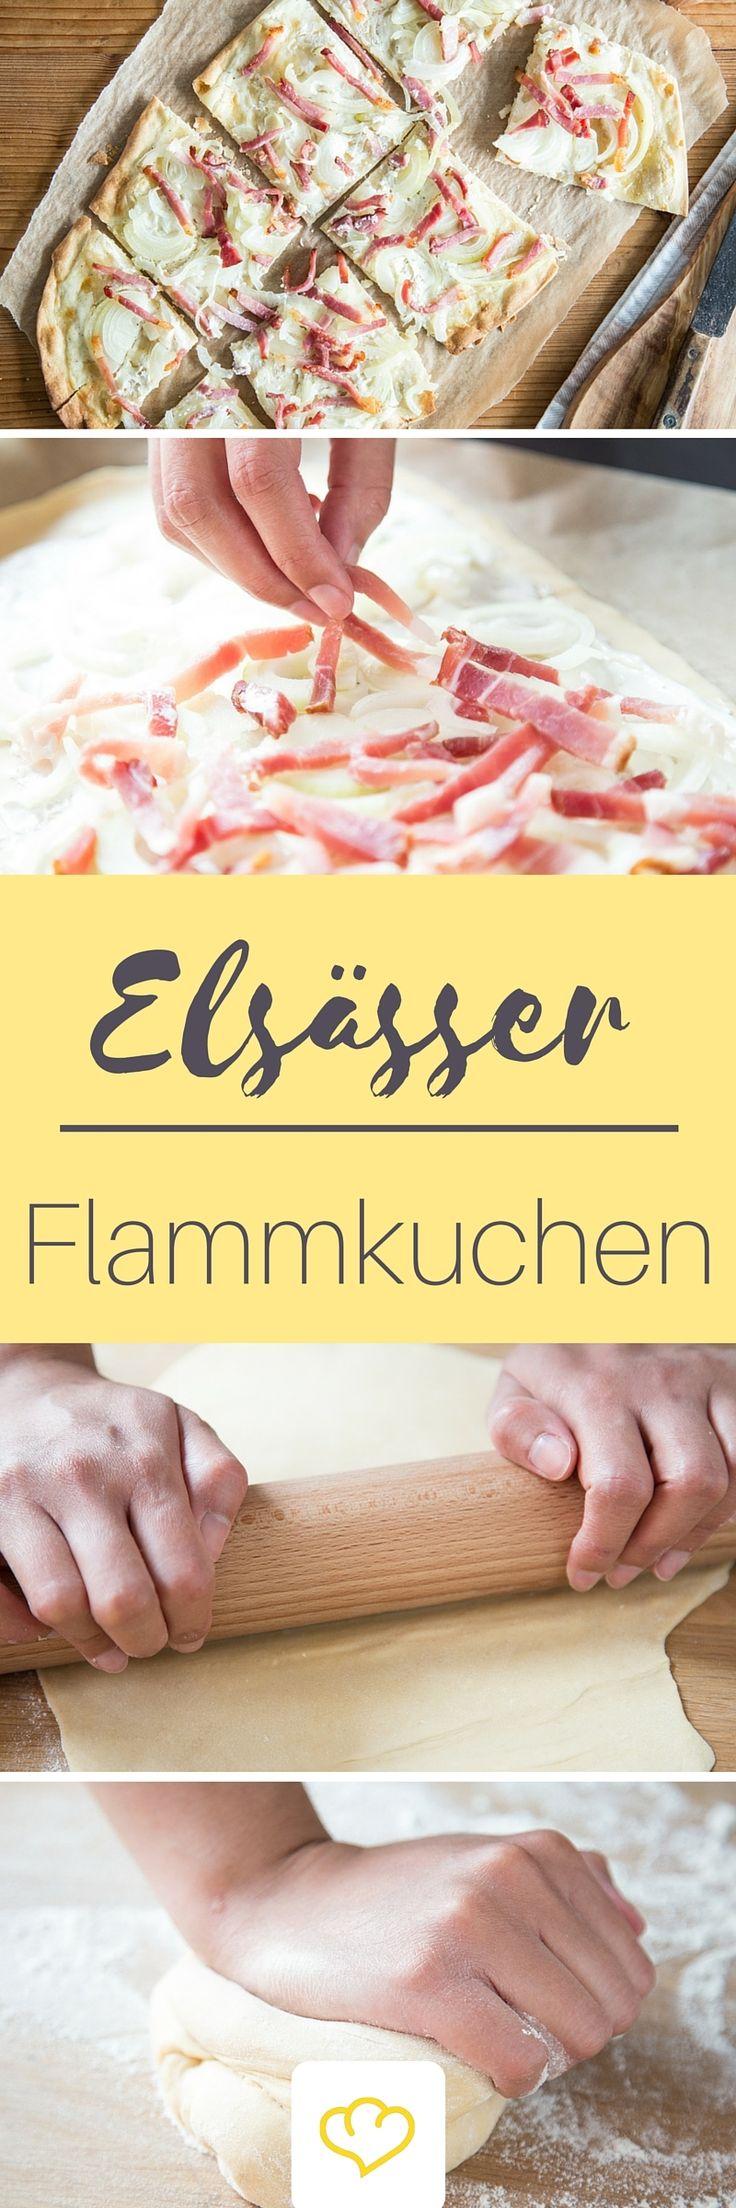 Flammkuchen lässt sich zuhause ganz einfach selber machen! Wie du den Klassiker aus dem Elsass mit Schmand, Zwiebeln und Speck in deinen eigenen Vier Wänden backst, erfährst du hier: